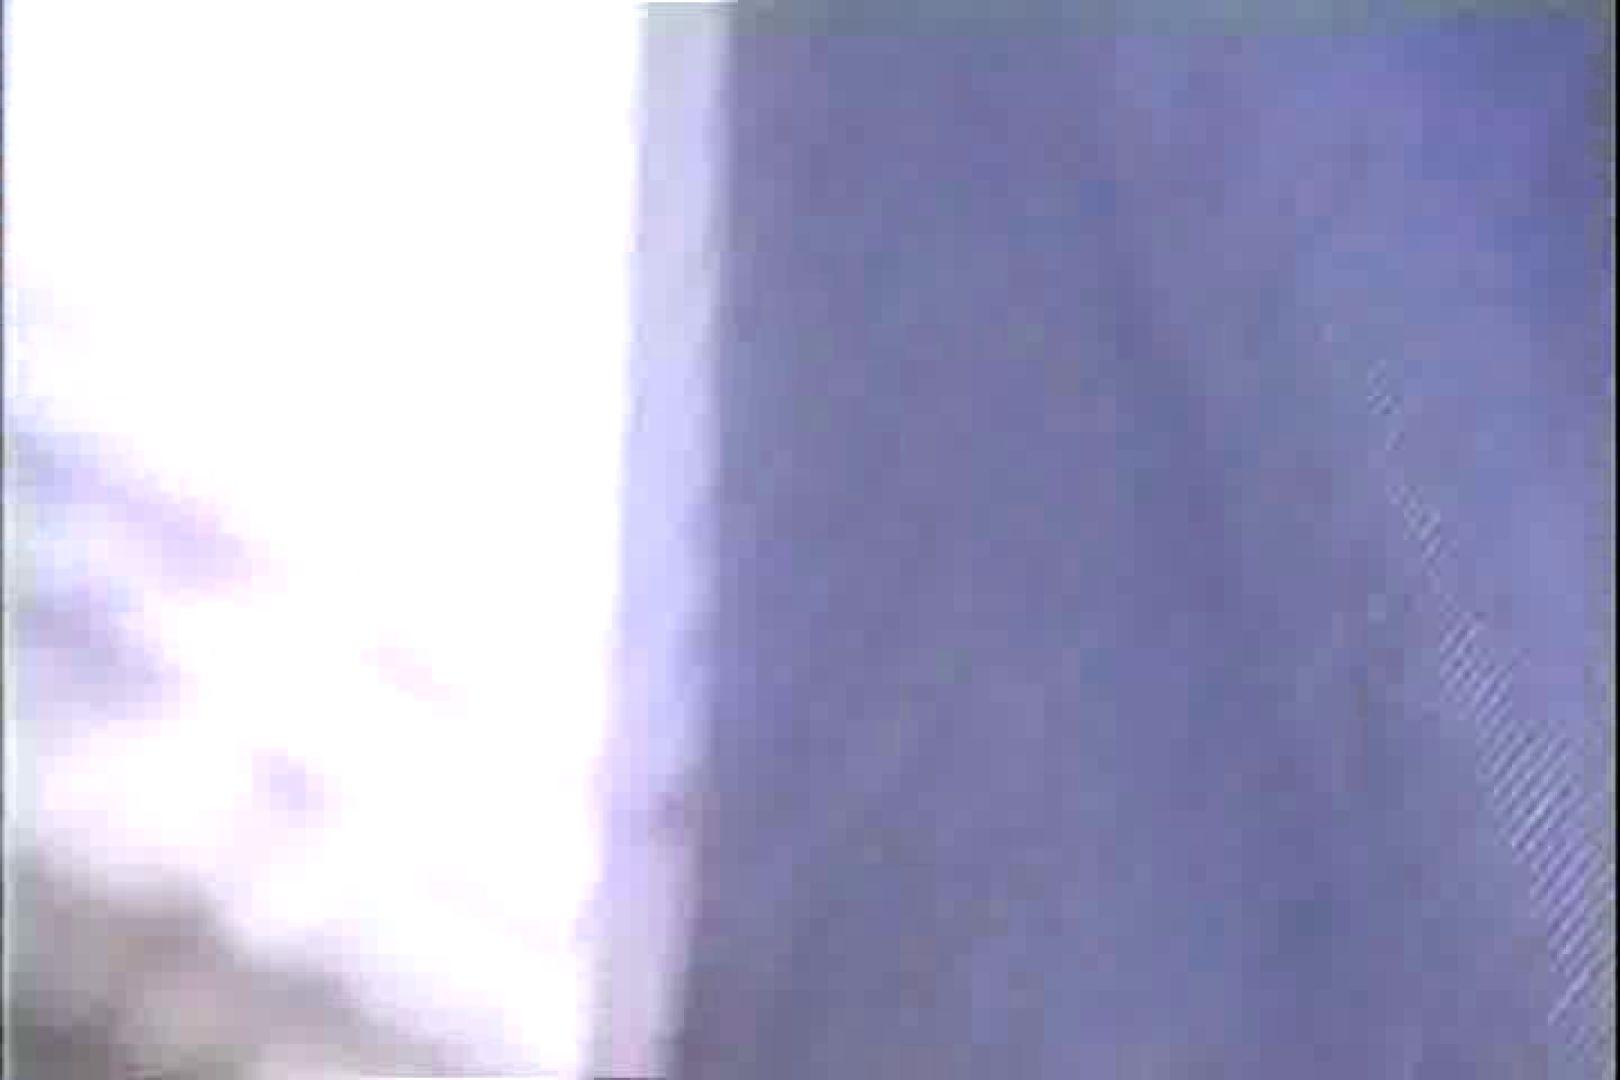 「ちくりん」さんのオリジナル未編集パンチラVol.3_01 パンチラ放出 のぞき動画画像 103pic 80